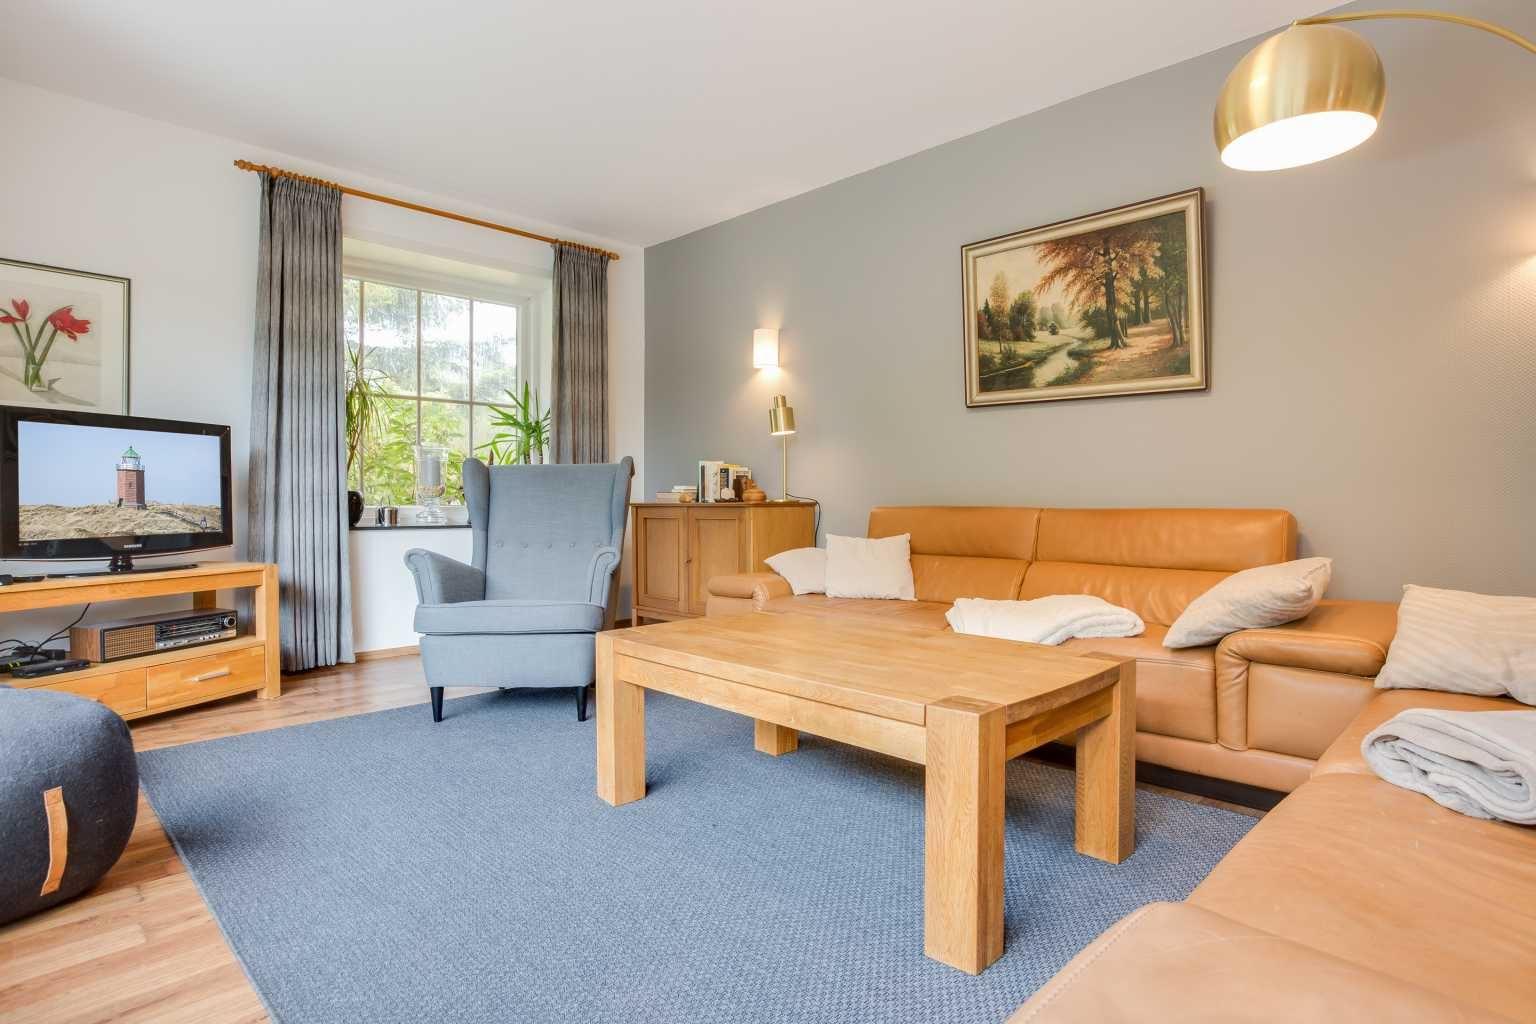 """Ferienhaus """"Das grüne Haus"""" - Wohnzimmer"""